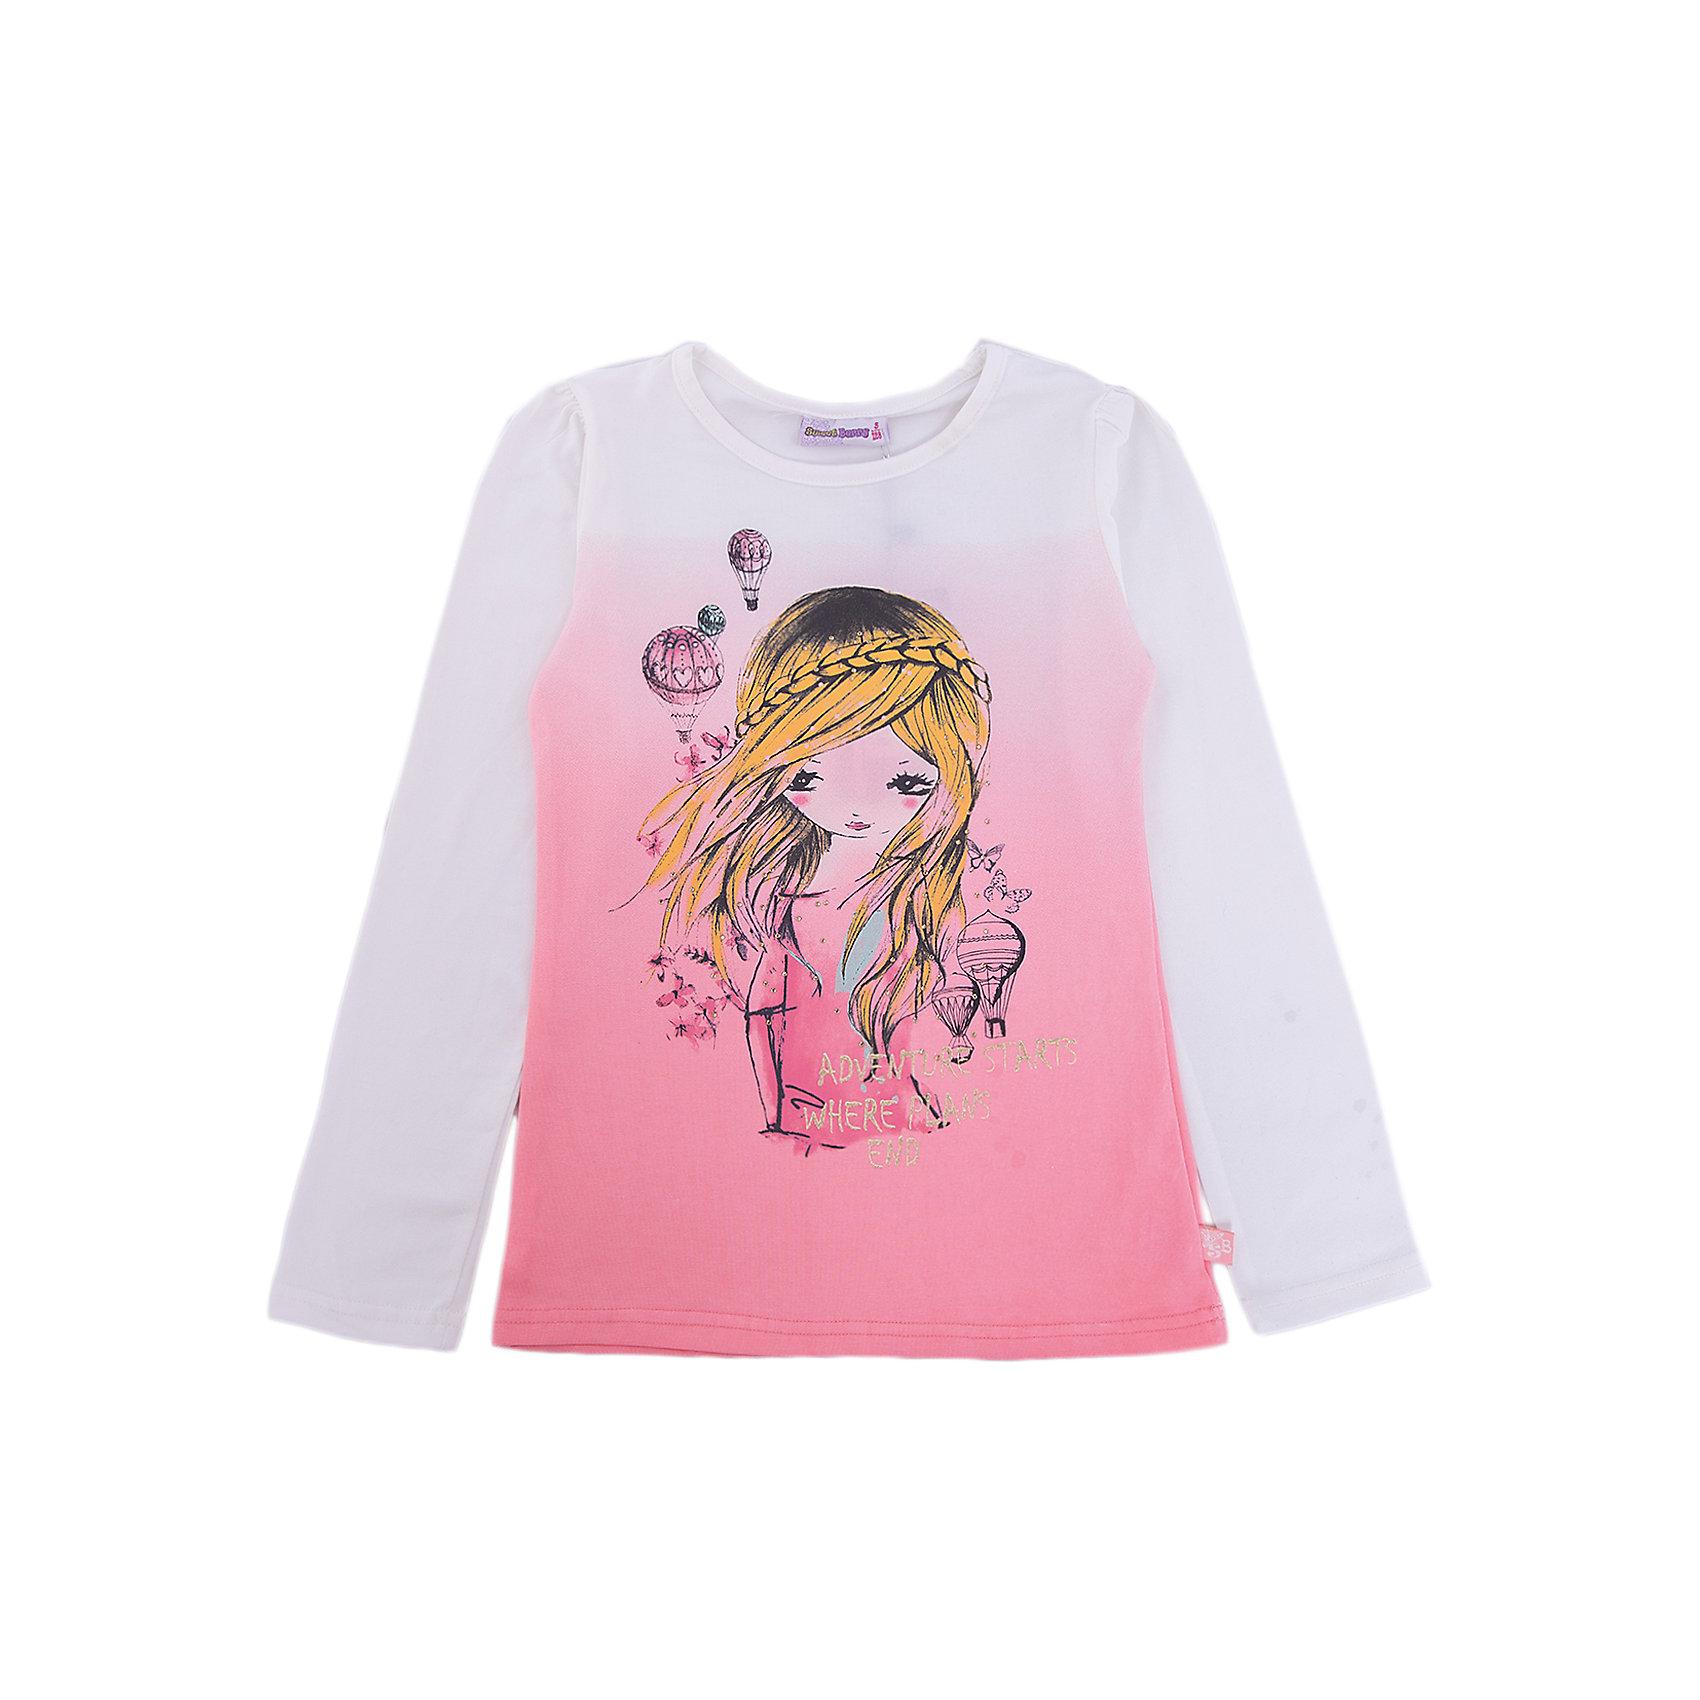 Футболка с длинным рукавом Sweet Berry для девочкиФутболки с длинным рукавом<br>Характеристики товара:<br><br>• цвет: розовый<br>• состав: 95% хлопок, 5% лайкра<br>• сезон: демисезон<br>• длинные рукава<br>• декор: принт<br>• страна бренда: Россия<br>• страна производства: Китай<br><br>Трикотажная футболка с длинным рукавом для девочки сделана из качественного материала с добавлением хлопка. Лонгслив Sweet Berry для девочки оригинально выглядит благодаря принту. Детский лонгслив может стать базовой вещью в гардеробе <br><br>Лонгслив Sweet Berry (Свит Берри) для девочки можно купить в нашем интернет-магазине.<br><br>Ширина мм: 230<br>Глубина мм: 40<br>Высота мм: 220<br>Вес г: 250<br>Цвет: оранжевый<br>Возраст от месяцев: 84<br>Возраст до месяцев: 96<br>Пол: Женский<br>Возраст: Детский<br>Размер: 128,98,104,110,116,122<br>SKU: 7096677